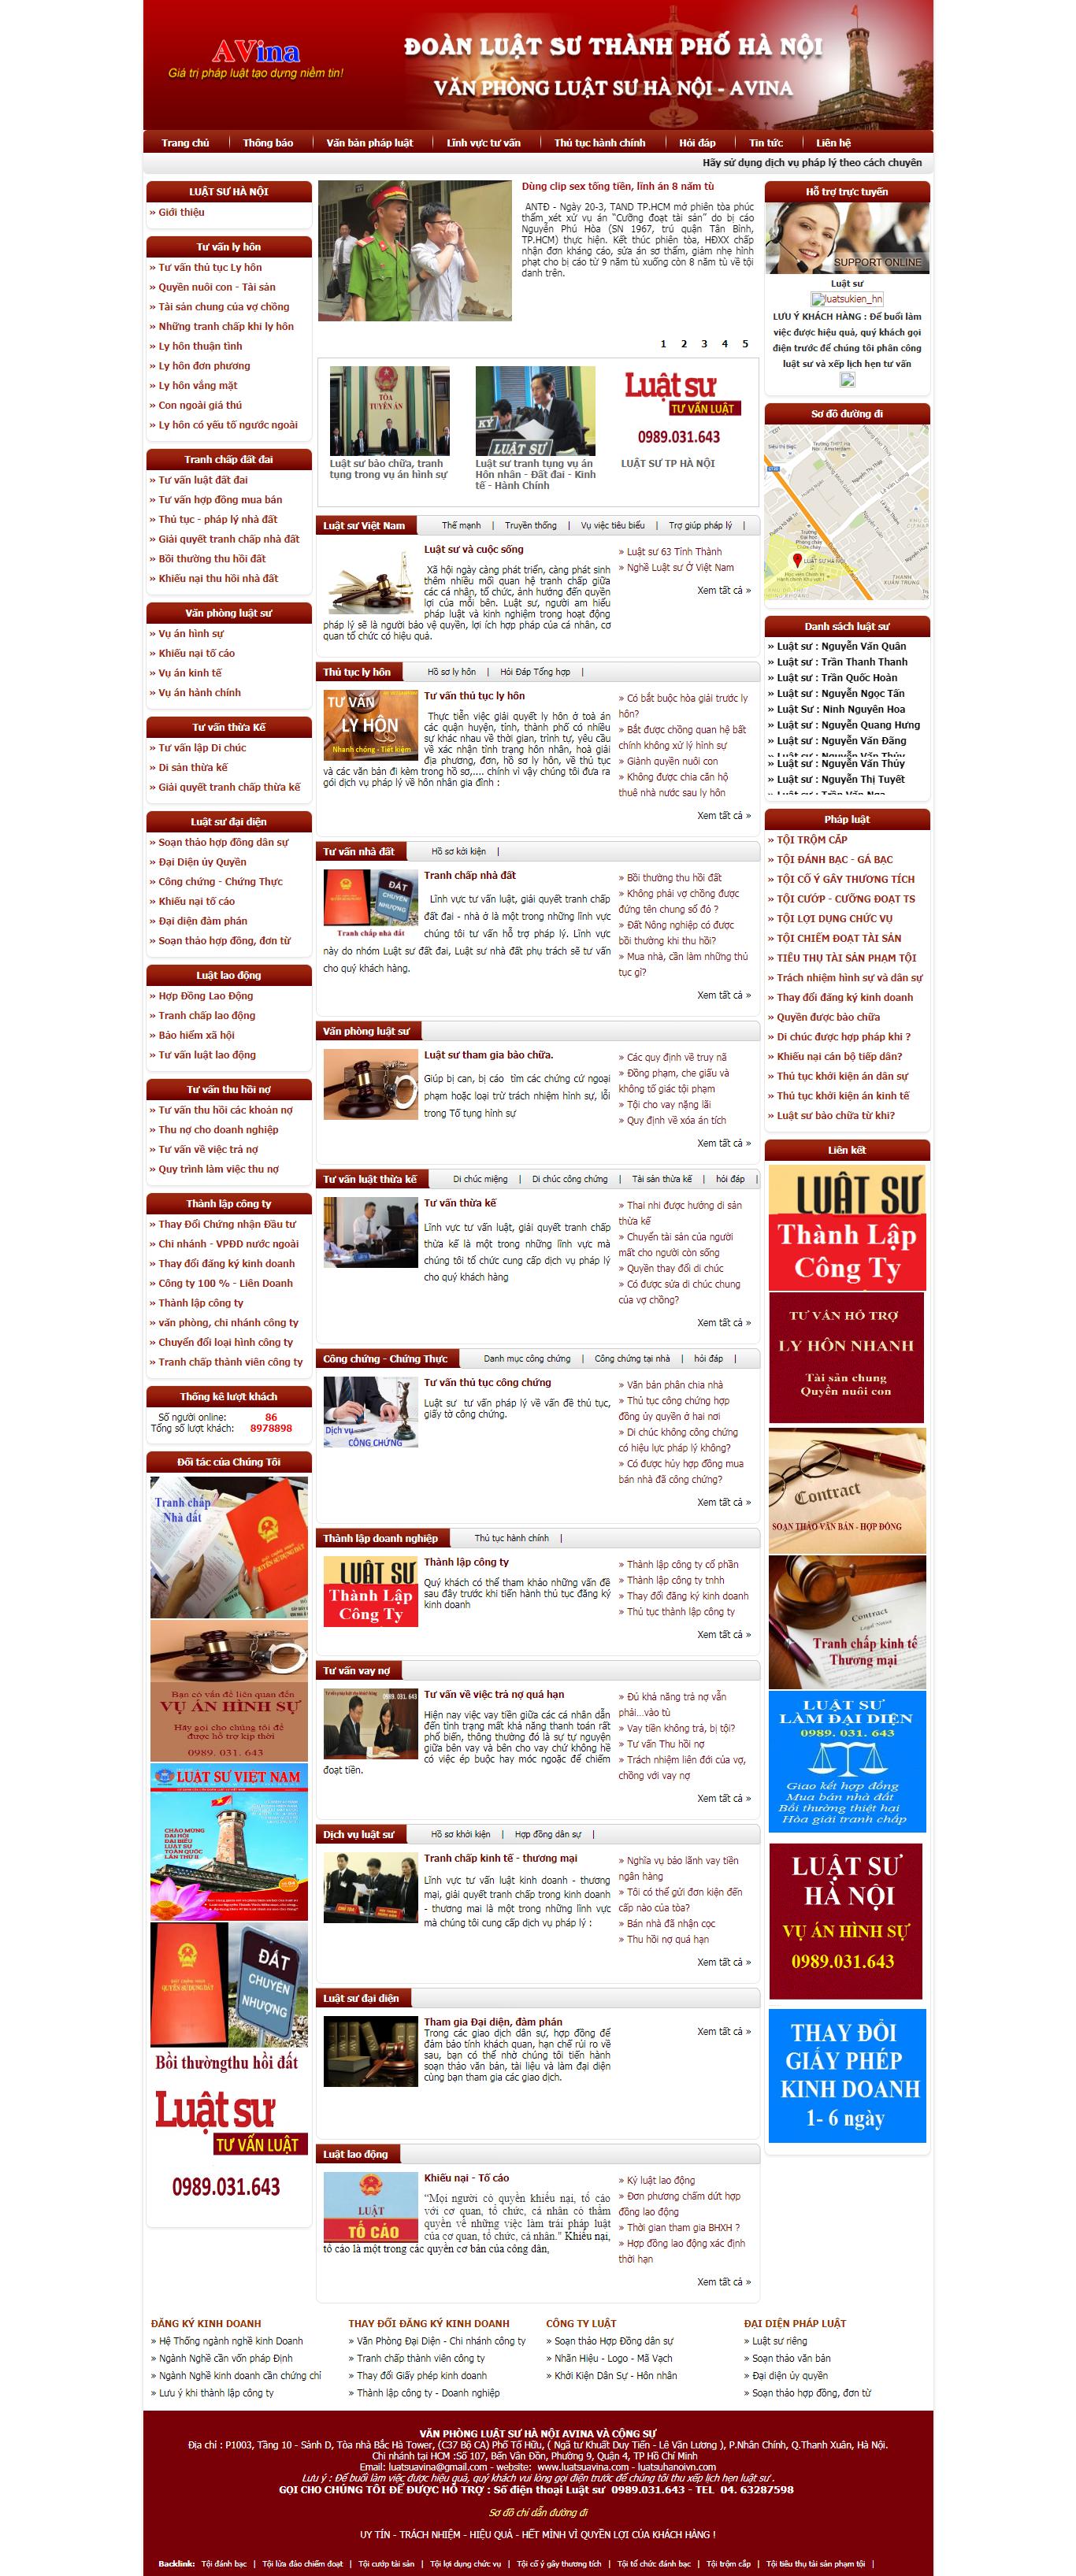 Thiết Kế Web Luật Công Ty Luật Avina đẹp, chuyên nghiệp chuẩn SEO